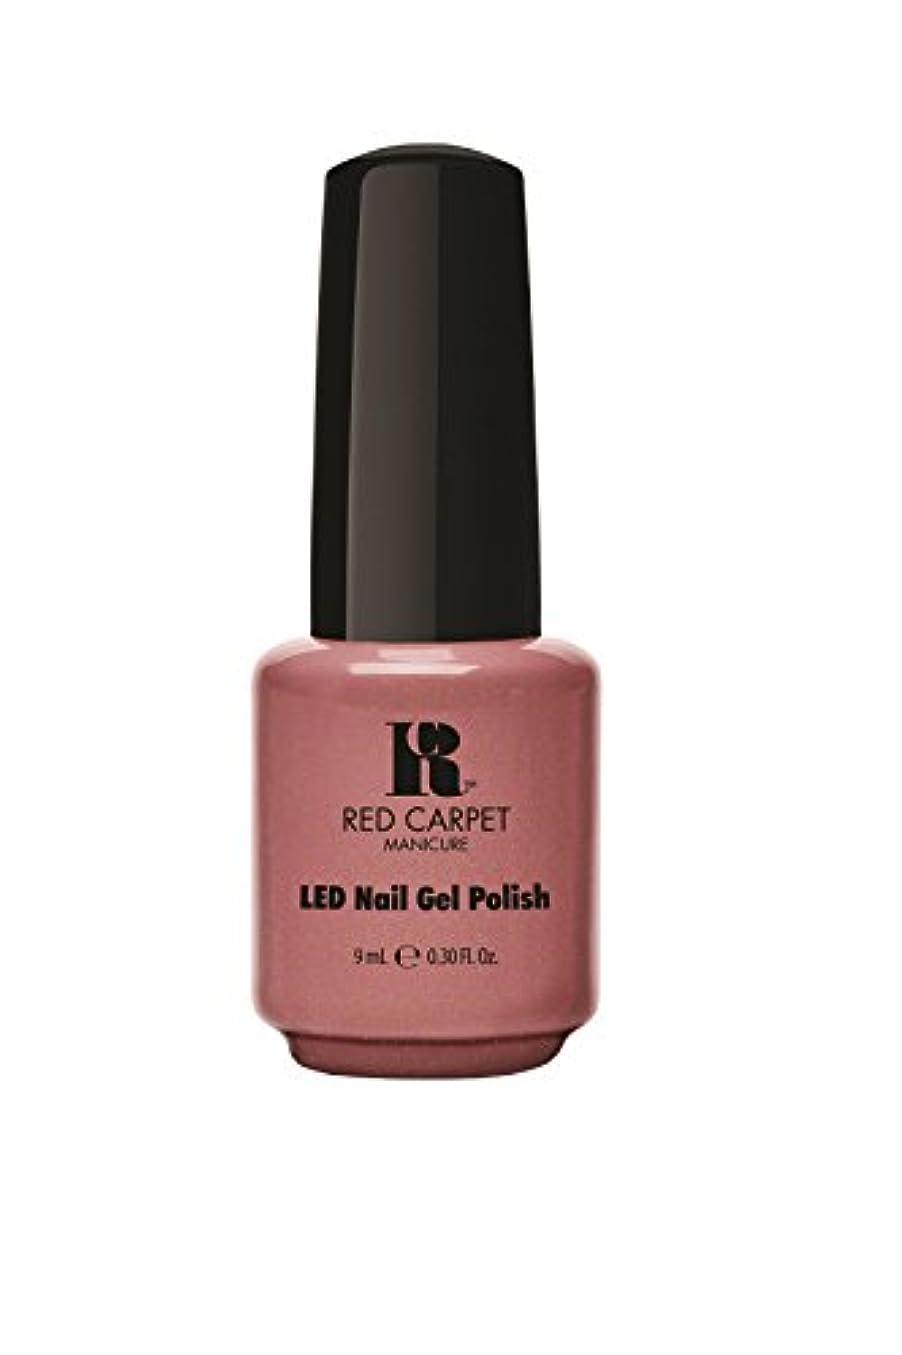 トランペット手足うがいRed Carpet Manicure - LED Nail Gel Polish - Class Act - 0.3oz/9ml